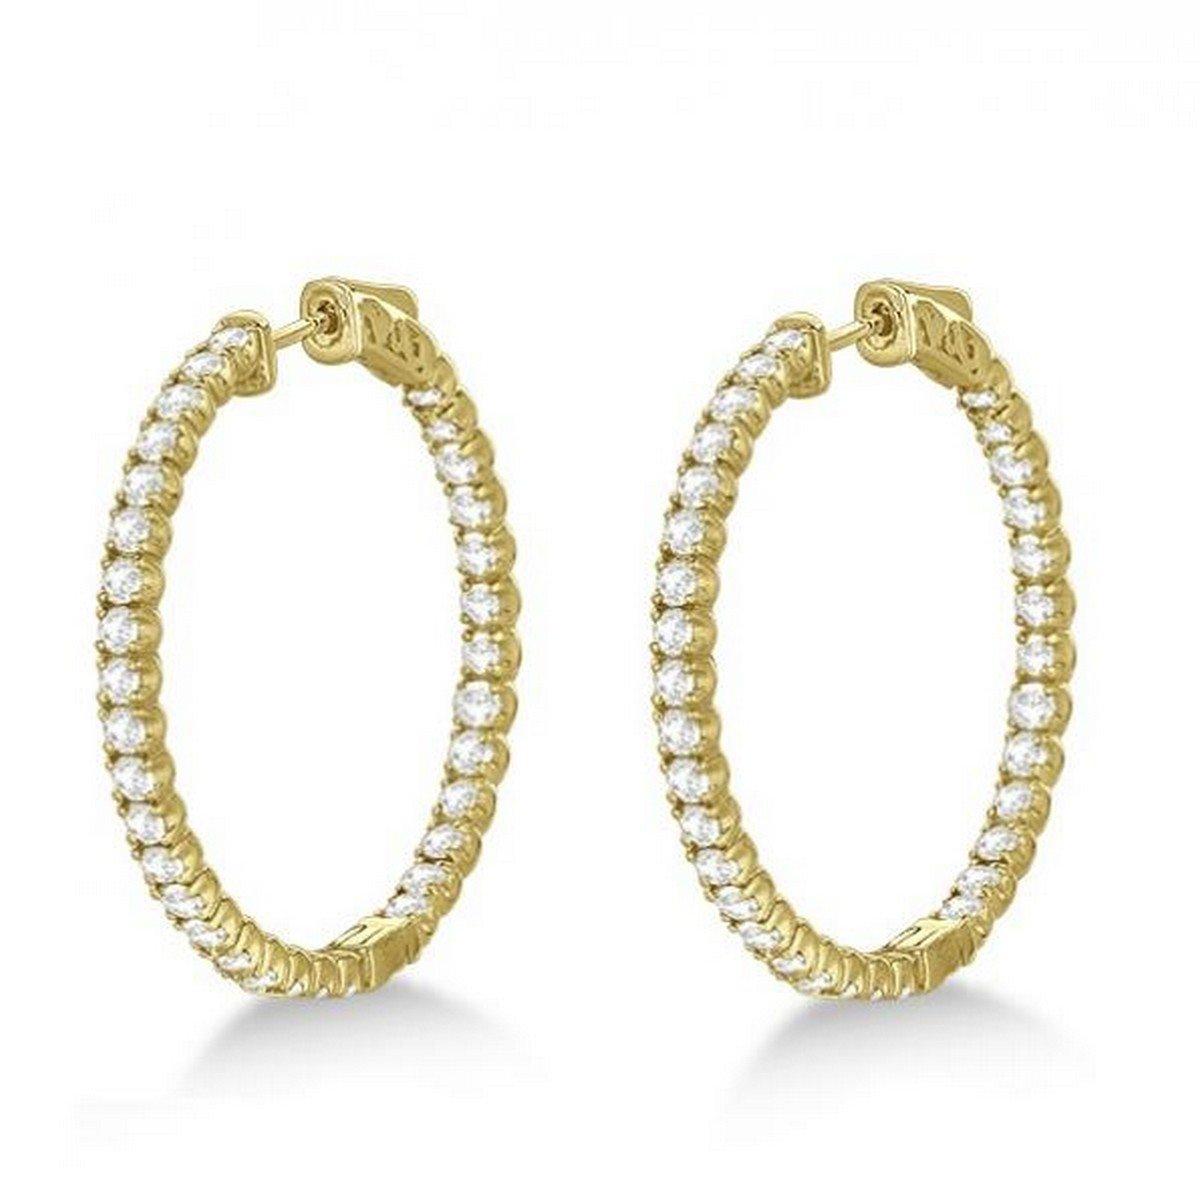 14k Gold Large Round Diamond Hoop Earrings 3.25ct